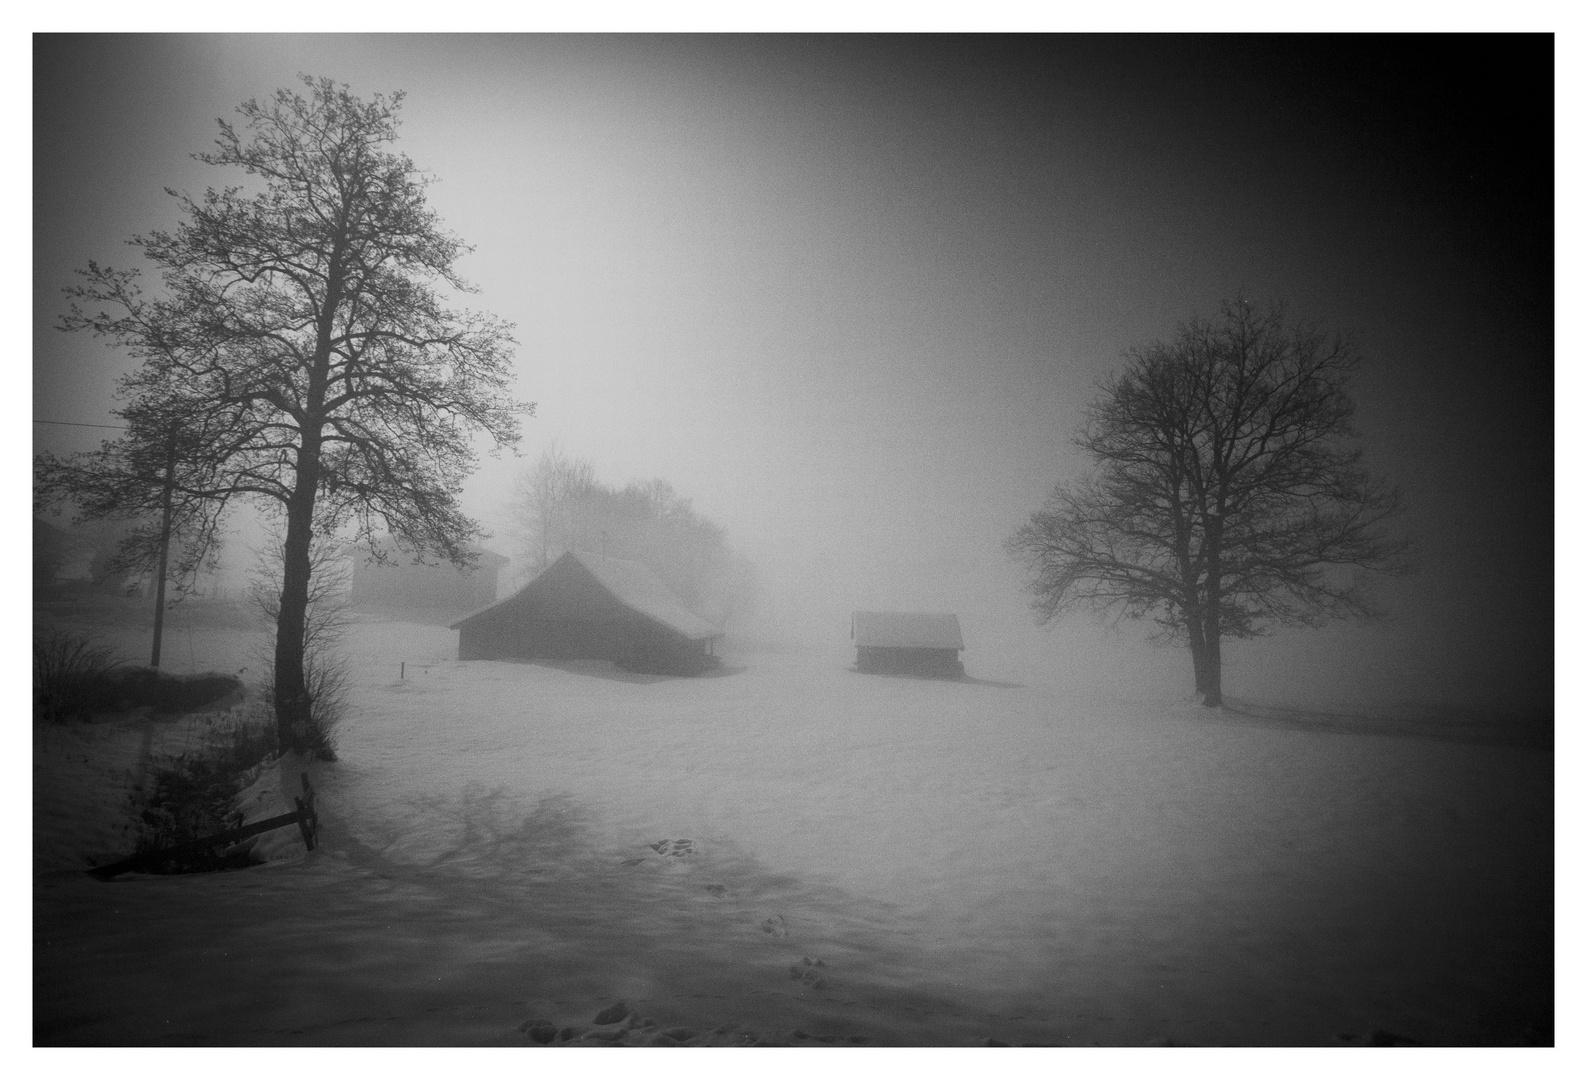 Bauernhof im Nebel in einer Mondnacht